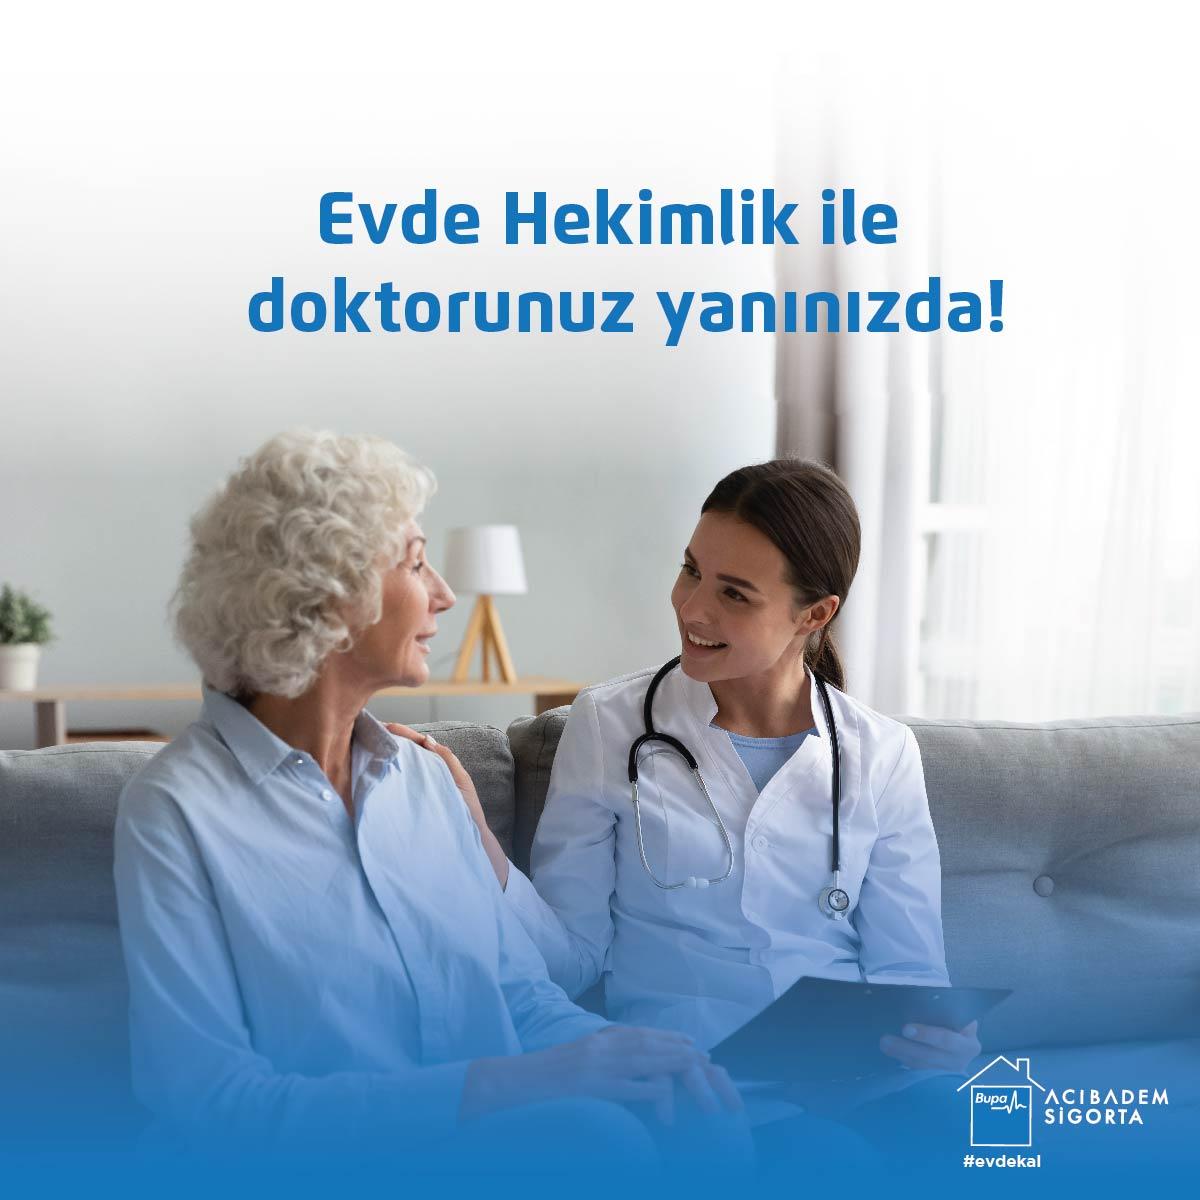 """senCard Sağlıklı Yaşam Merkezi """"Evde Hekimlik"""" hizmetiyle doktorunuz yanınızda!!👩⚕️👨⚕️  Detaylı bilgi için 👉 https://t.co/0eOZEaz2sm  #EvdeHekimlik #BupaAcıbademSigortaYanında #YanYanaOlamasakDaBeraberiz #Covid_19 #EvdeKal #BupaAcıbademSigorta https://t.co/qbiIQPX3g1"""